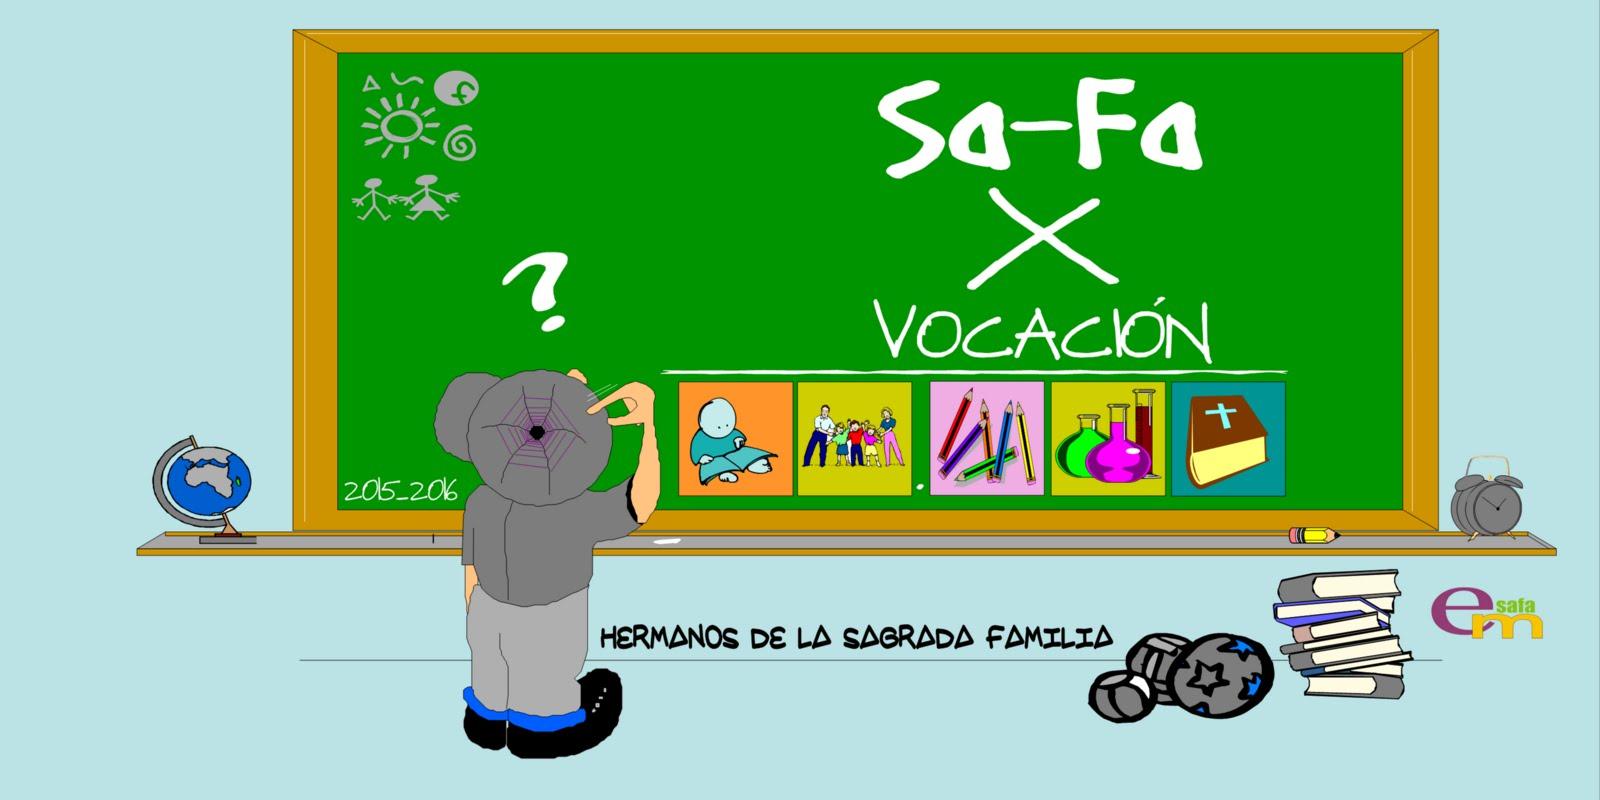 SaFa X Vocación